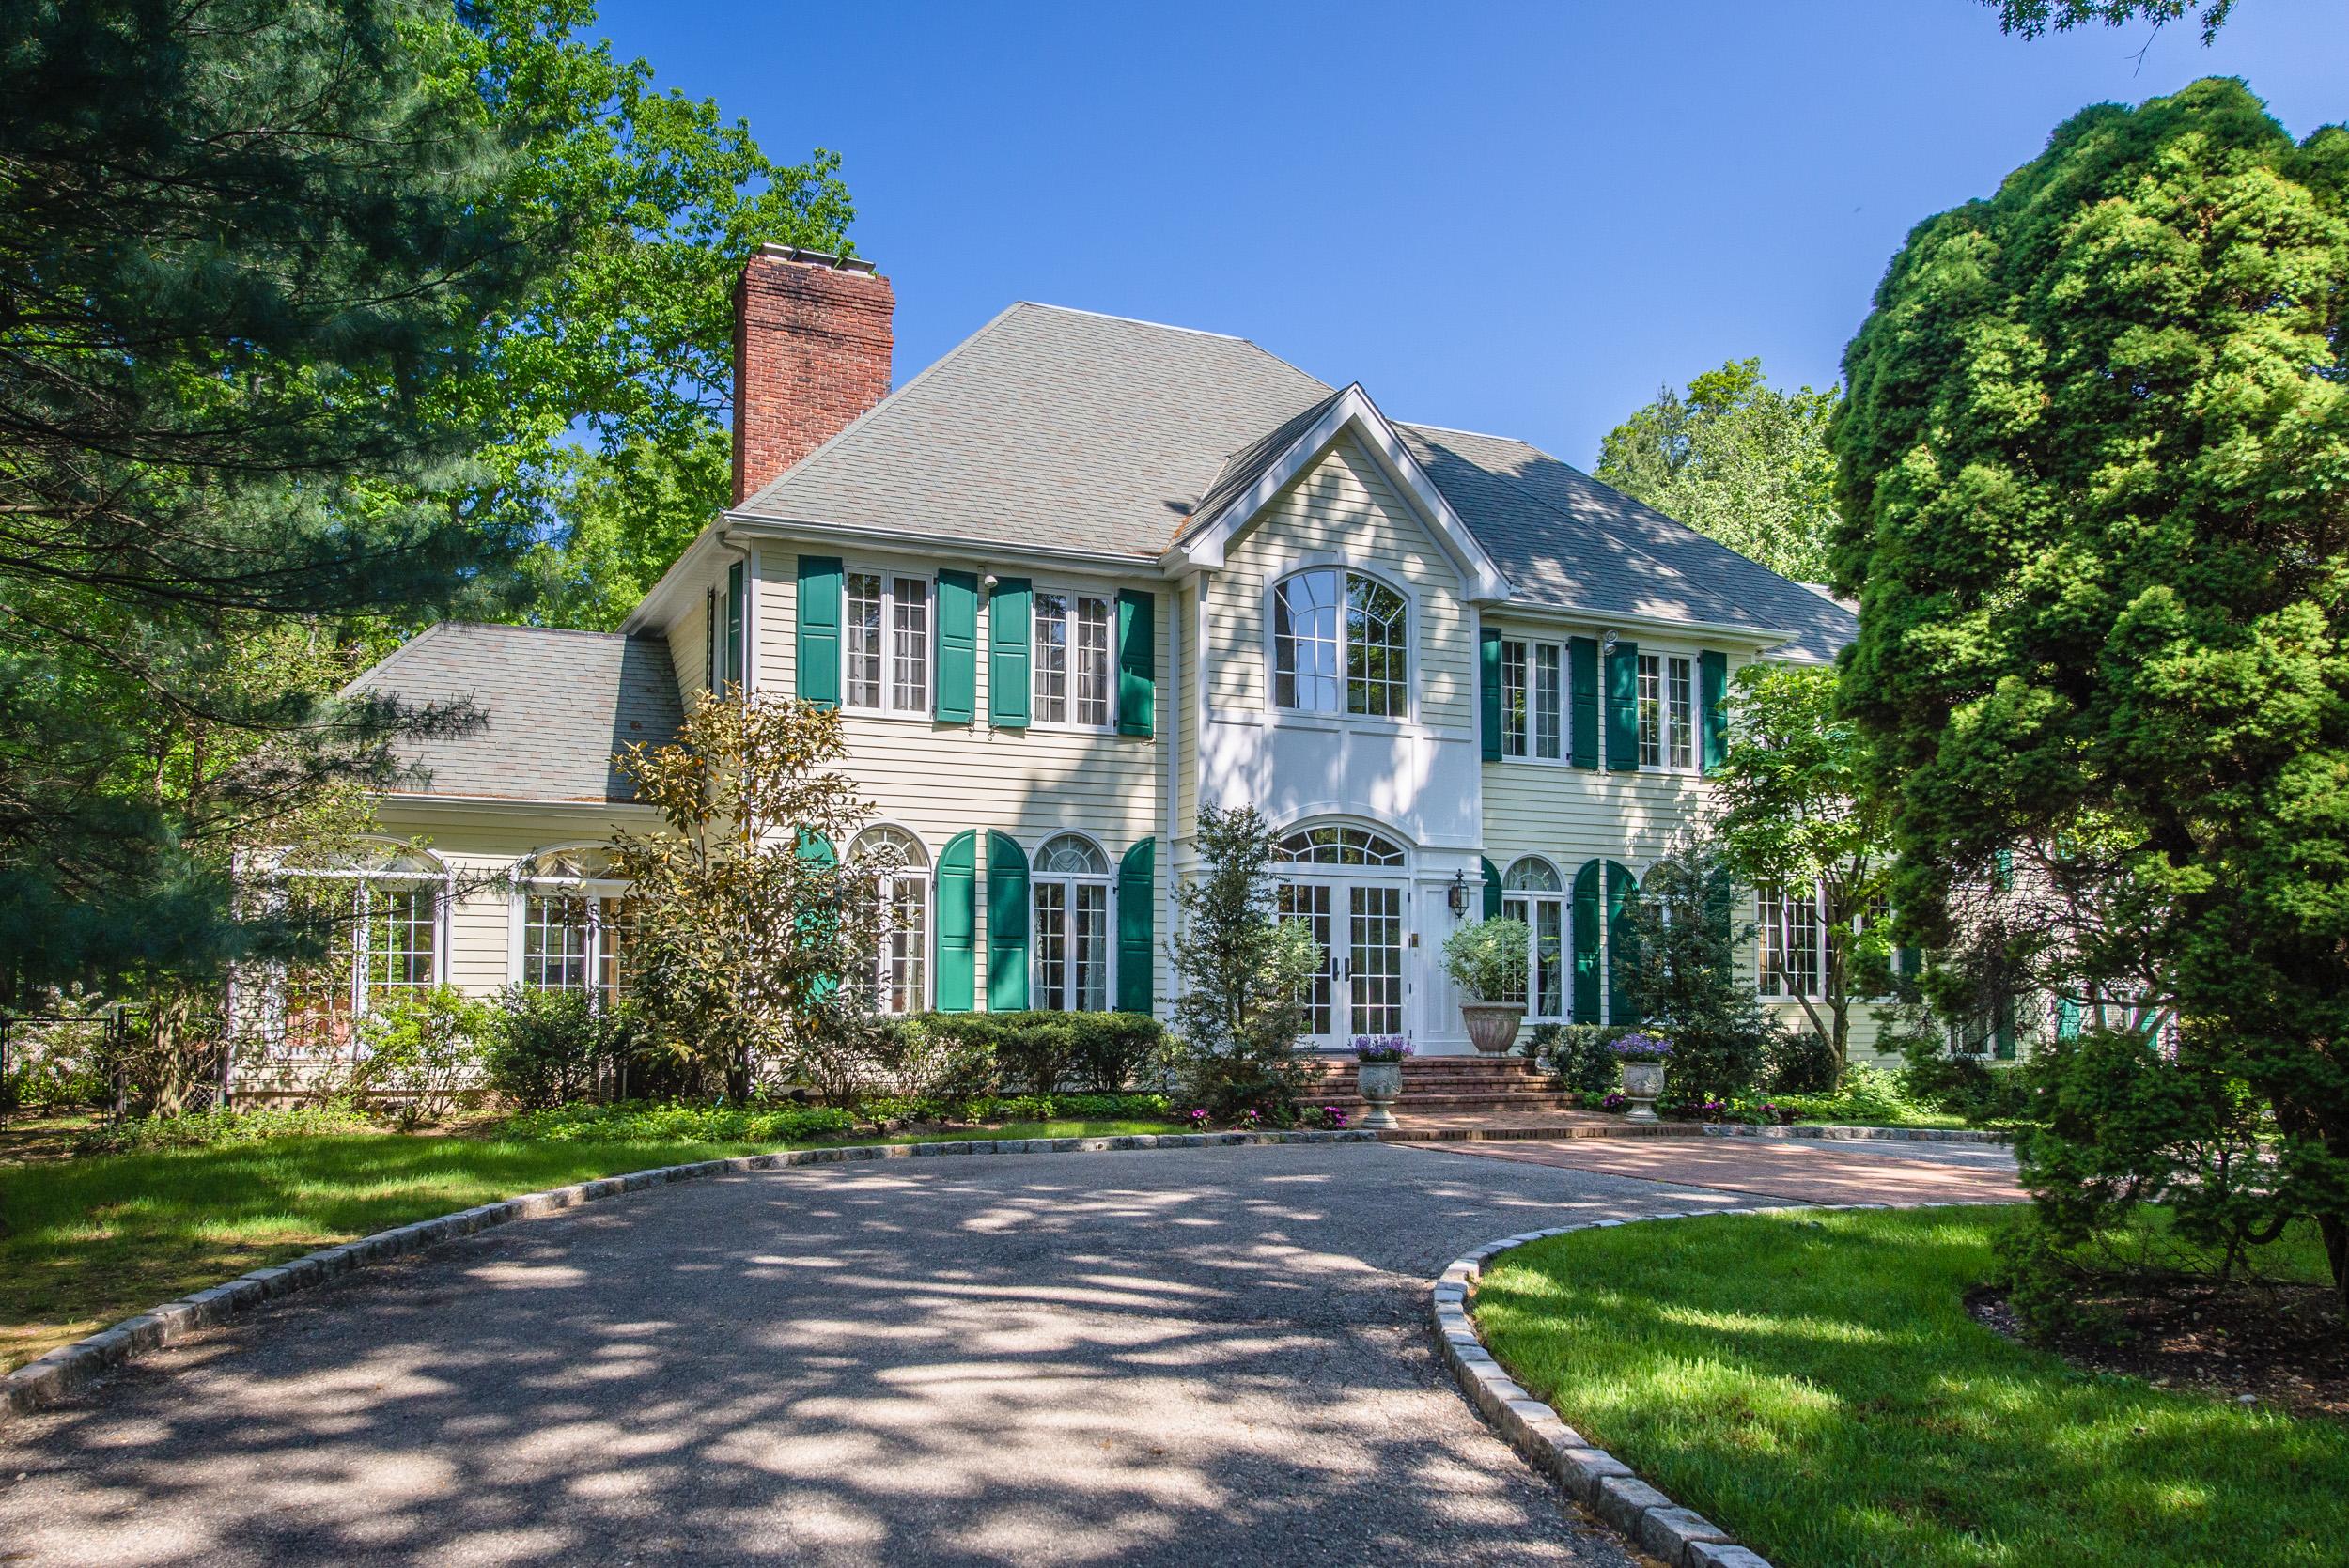 Villa per Vendita alle ore Colonial 340 Annandale Dr Oyster Bay Cove, New York 11791 Stati Uniti